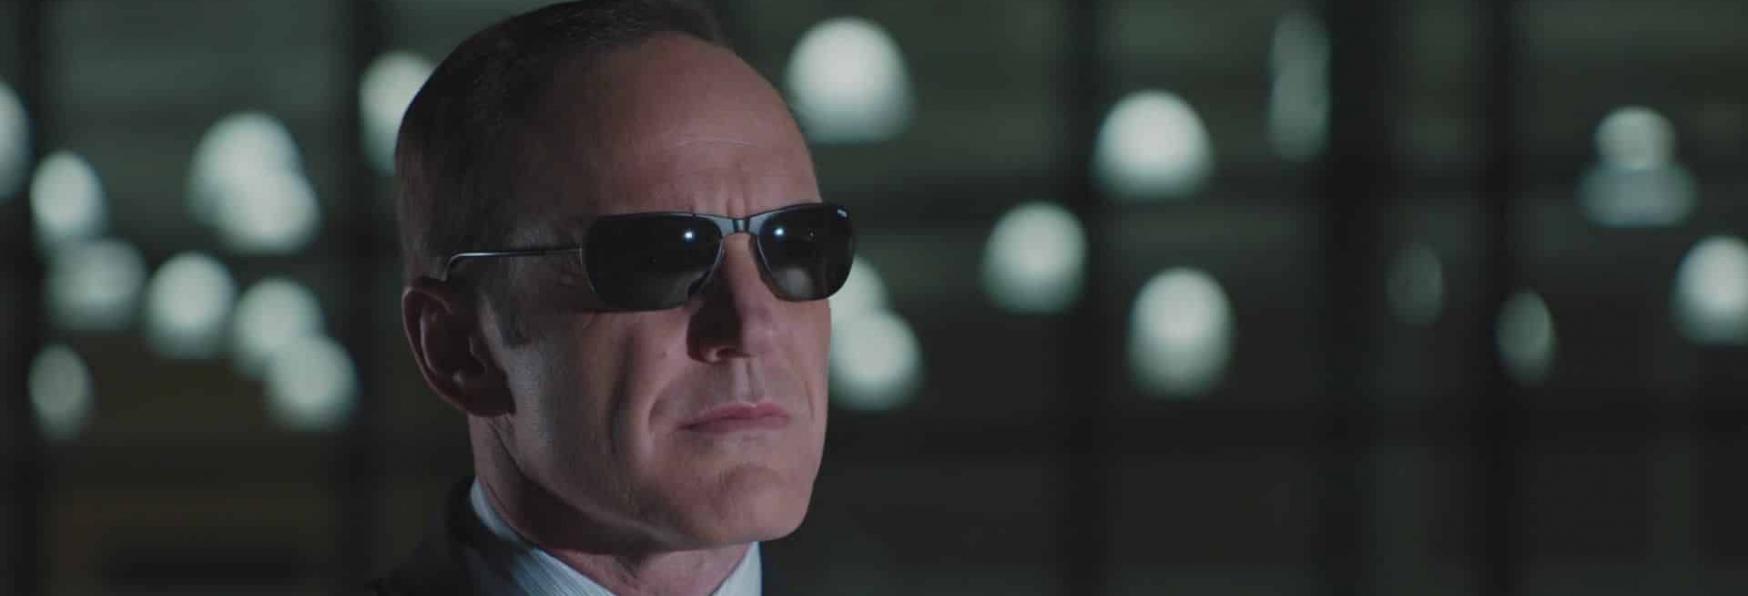 Agents of S.H.I.E.L.D. 7: ulteriori Dettagli sui Viaggi nel Tempo della Stagione Finale